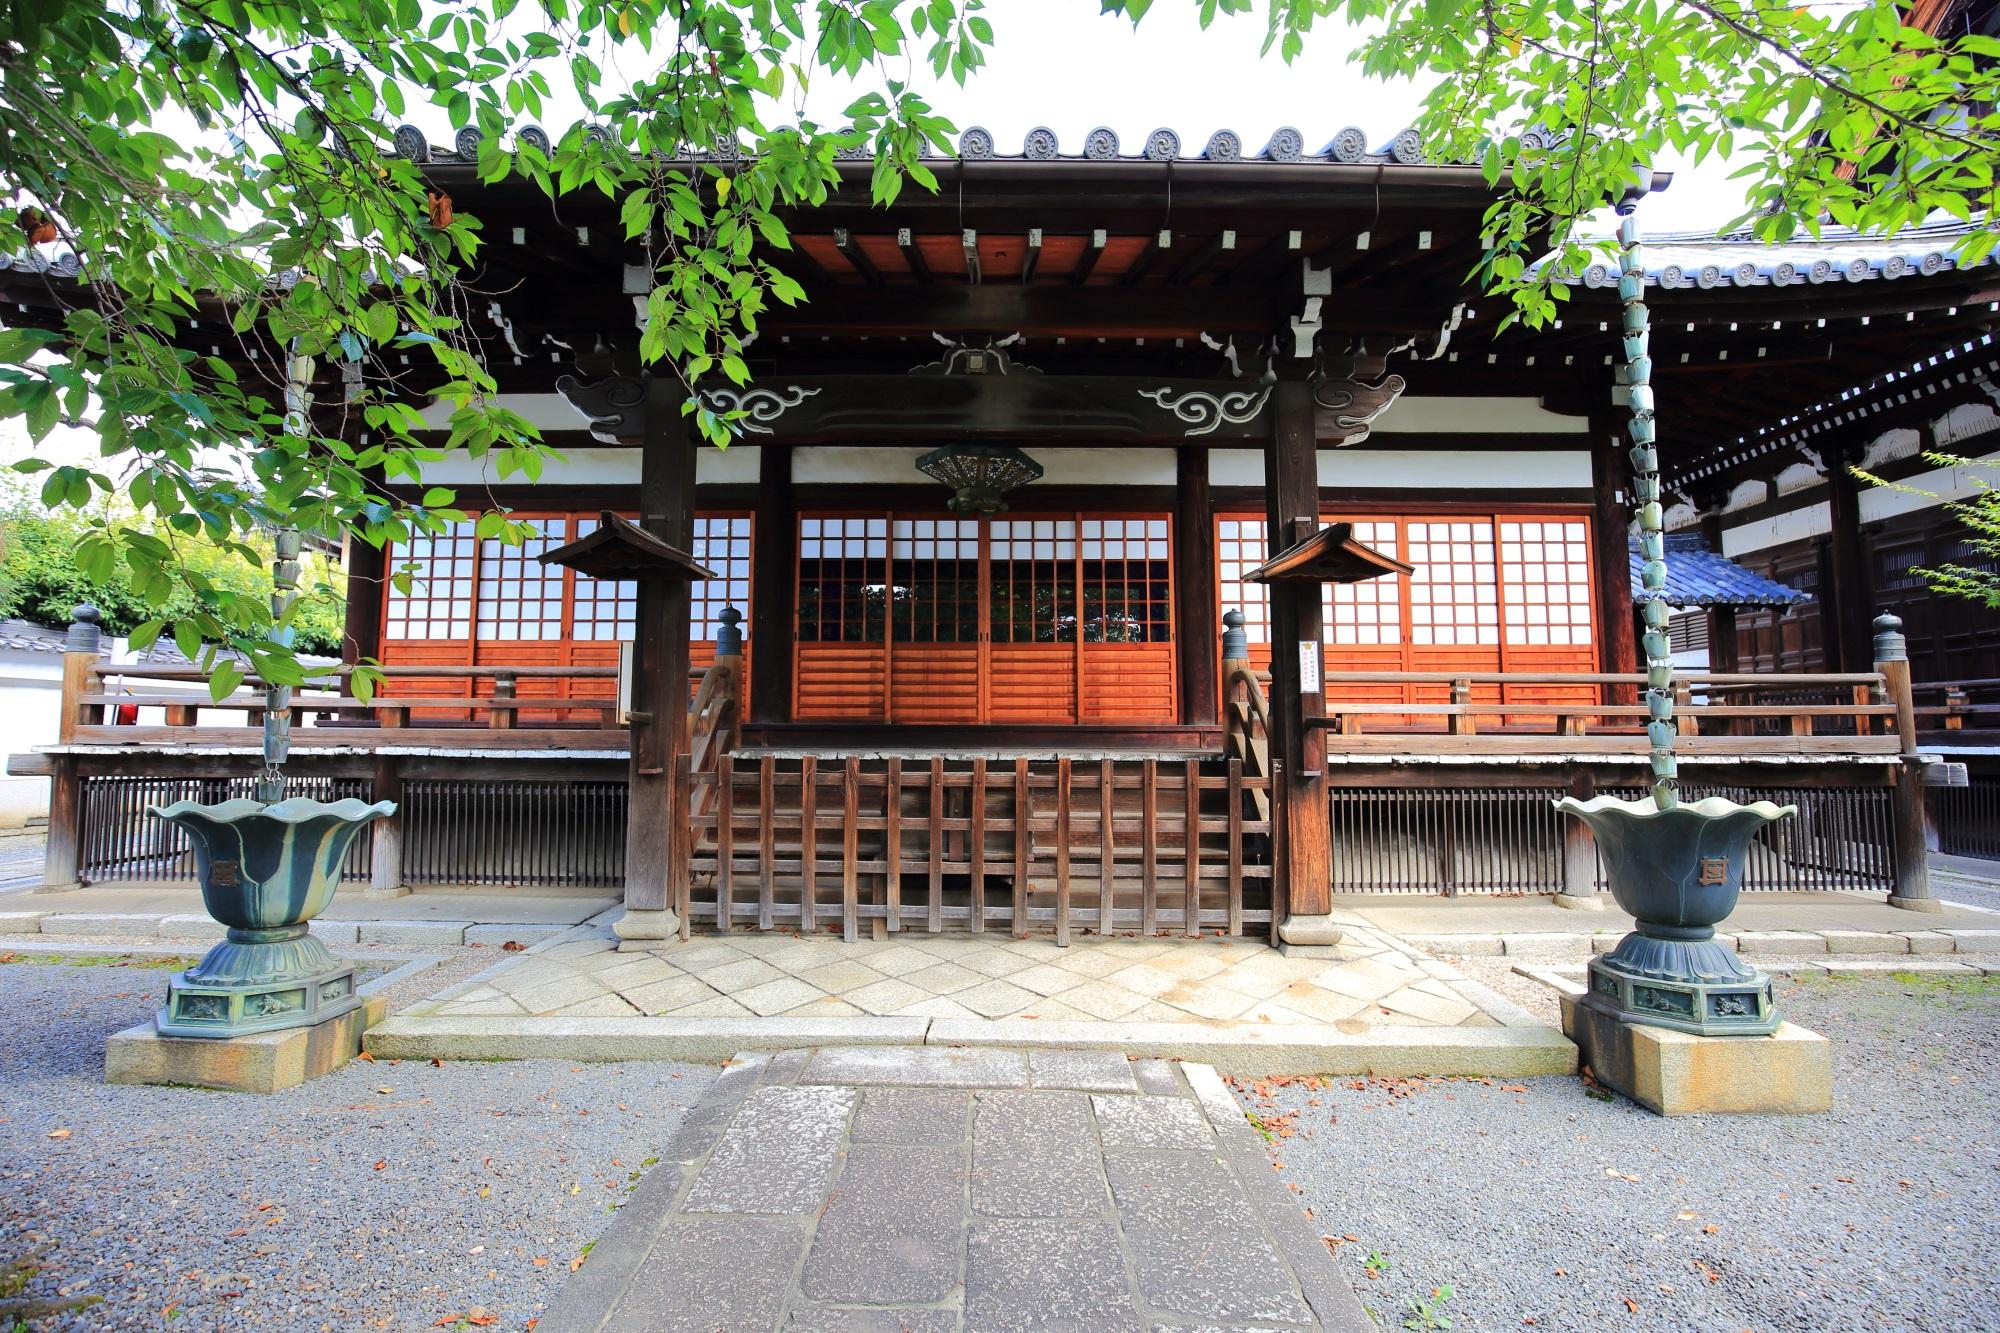 夏の緑につつまれる本隆寺の祖師堂